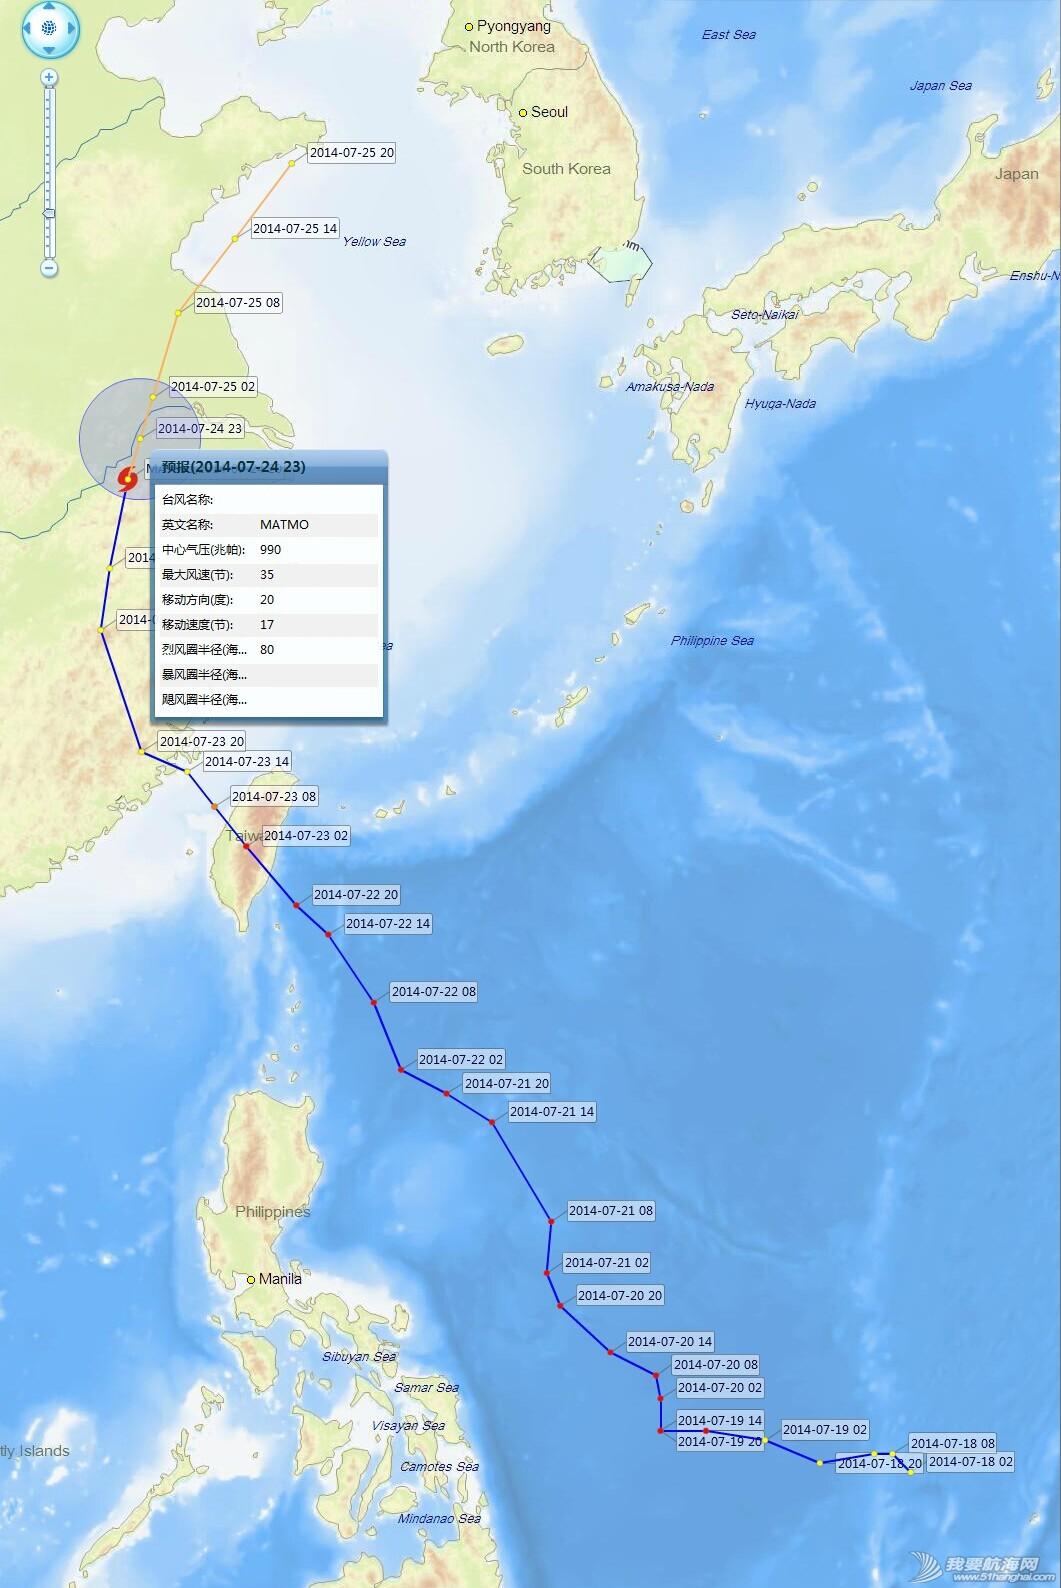 中国沿海台风,台风,麦德姆,沿海台风,气象导航 【中国沿海台风】台风麦德姆 台风麦德姆